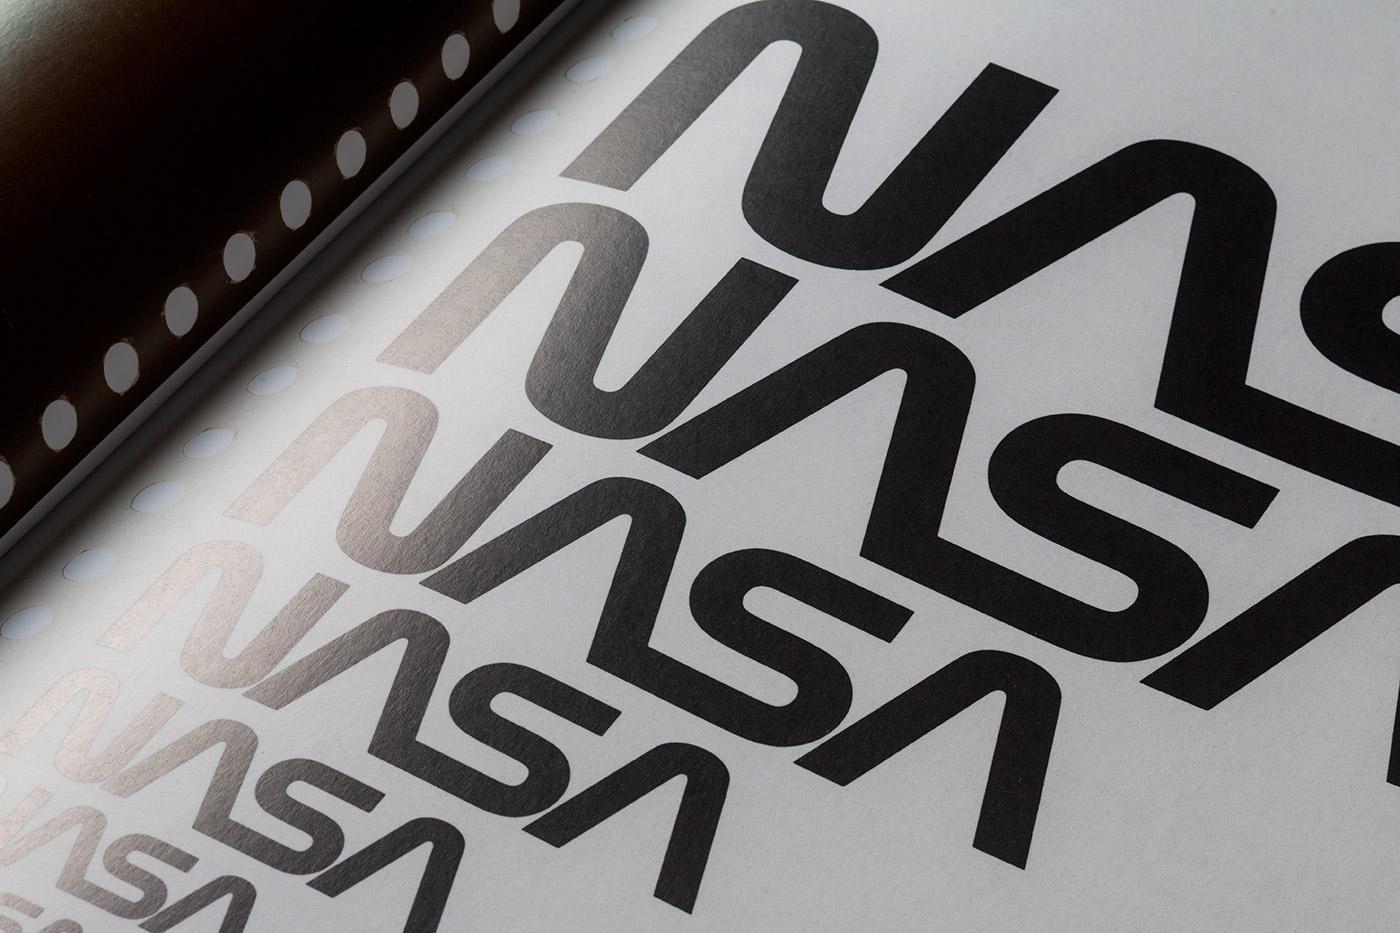 the discontinued nasa logo